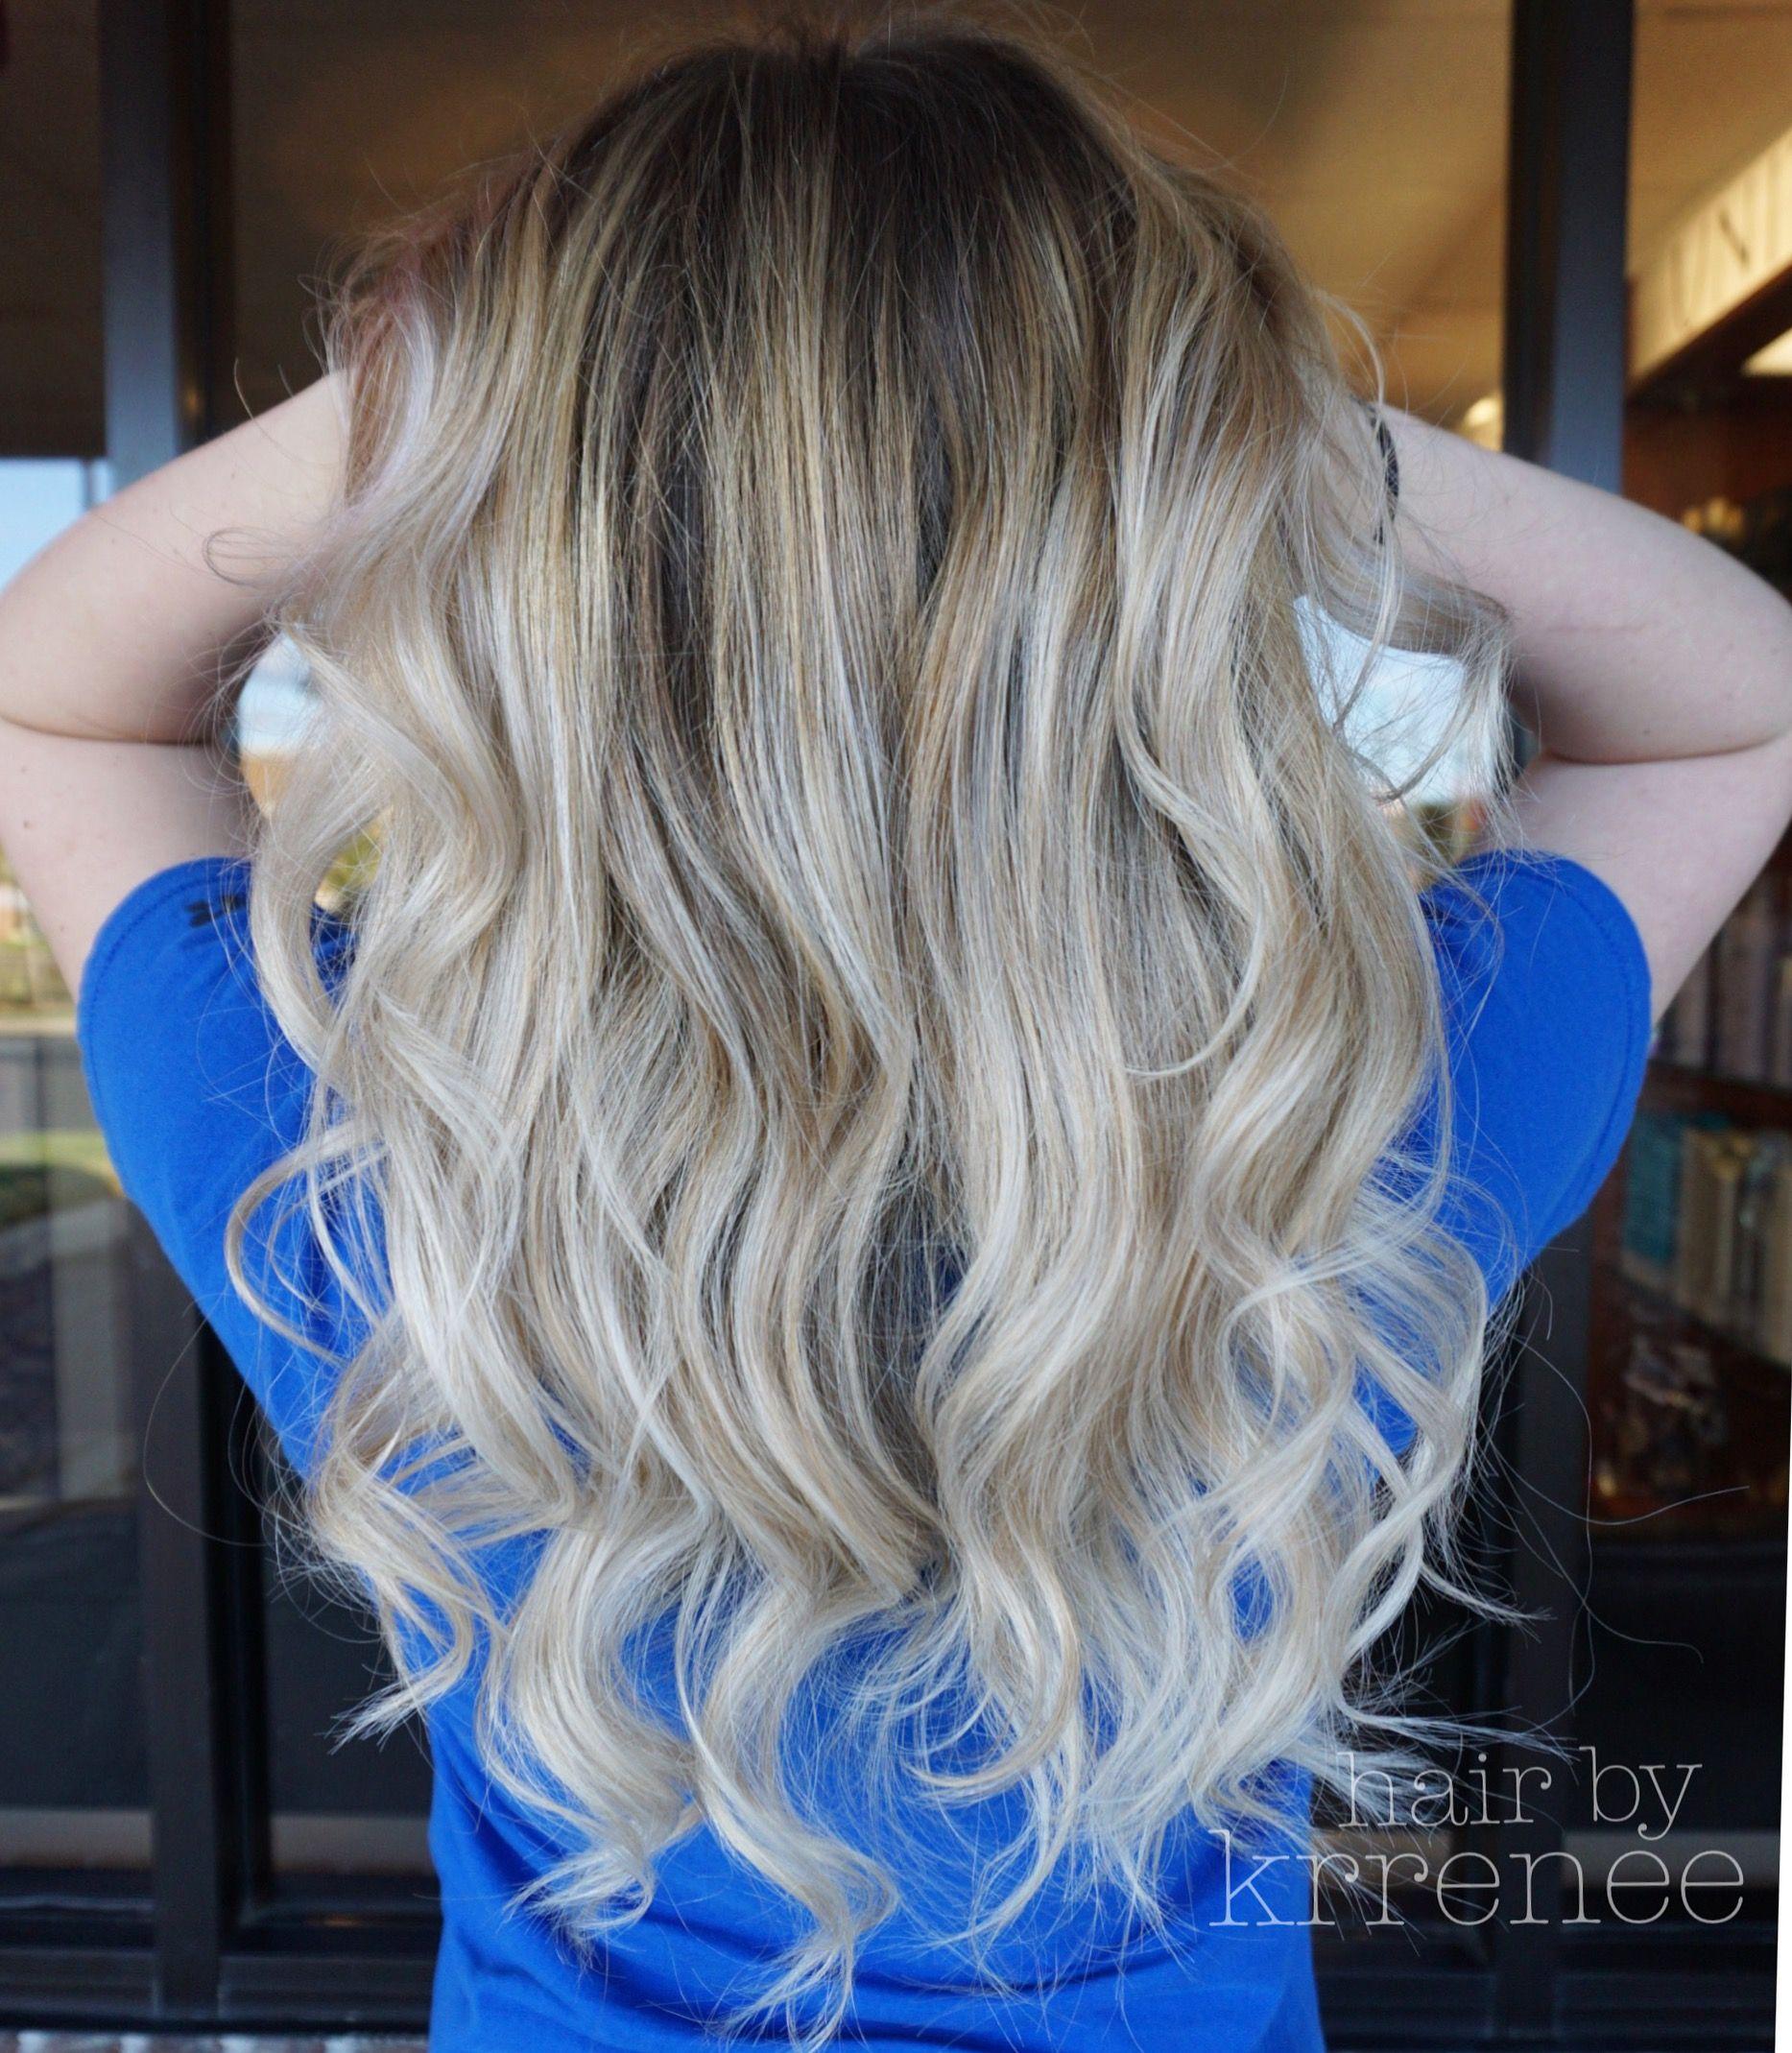 blonde balayage kristen mackoul hair blondes kristen mackoul hair hair by krrenee blonde balayage